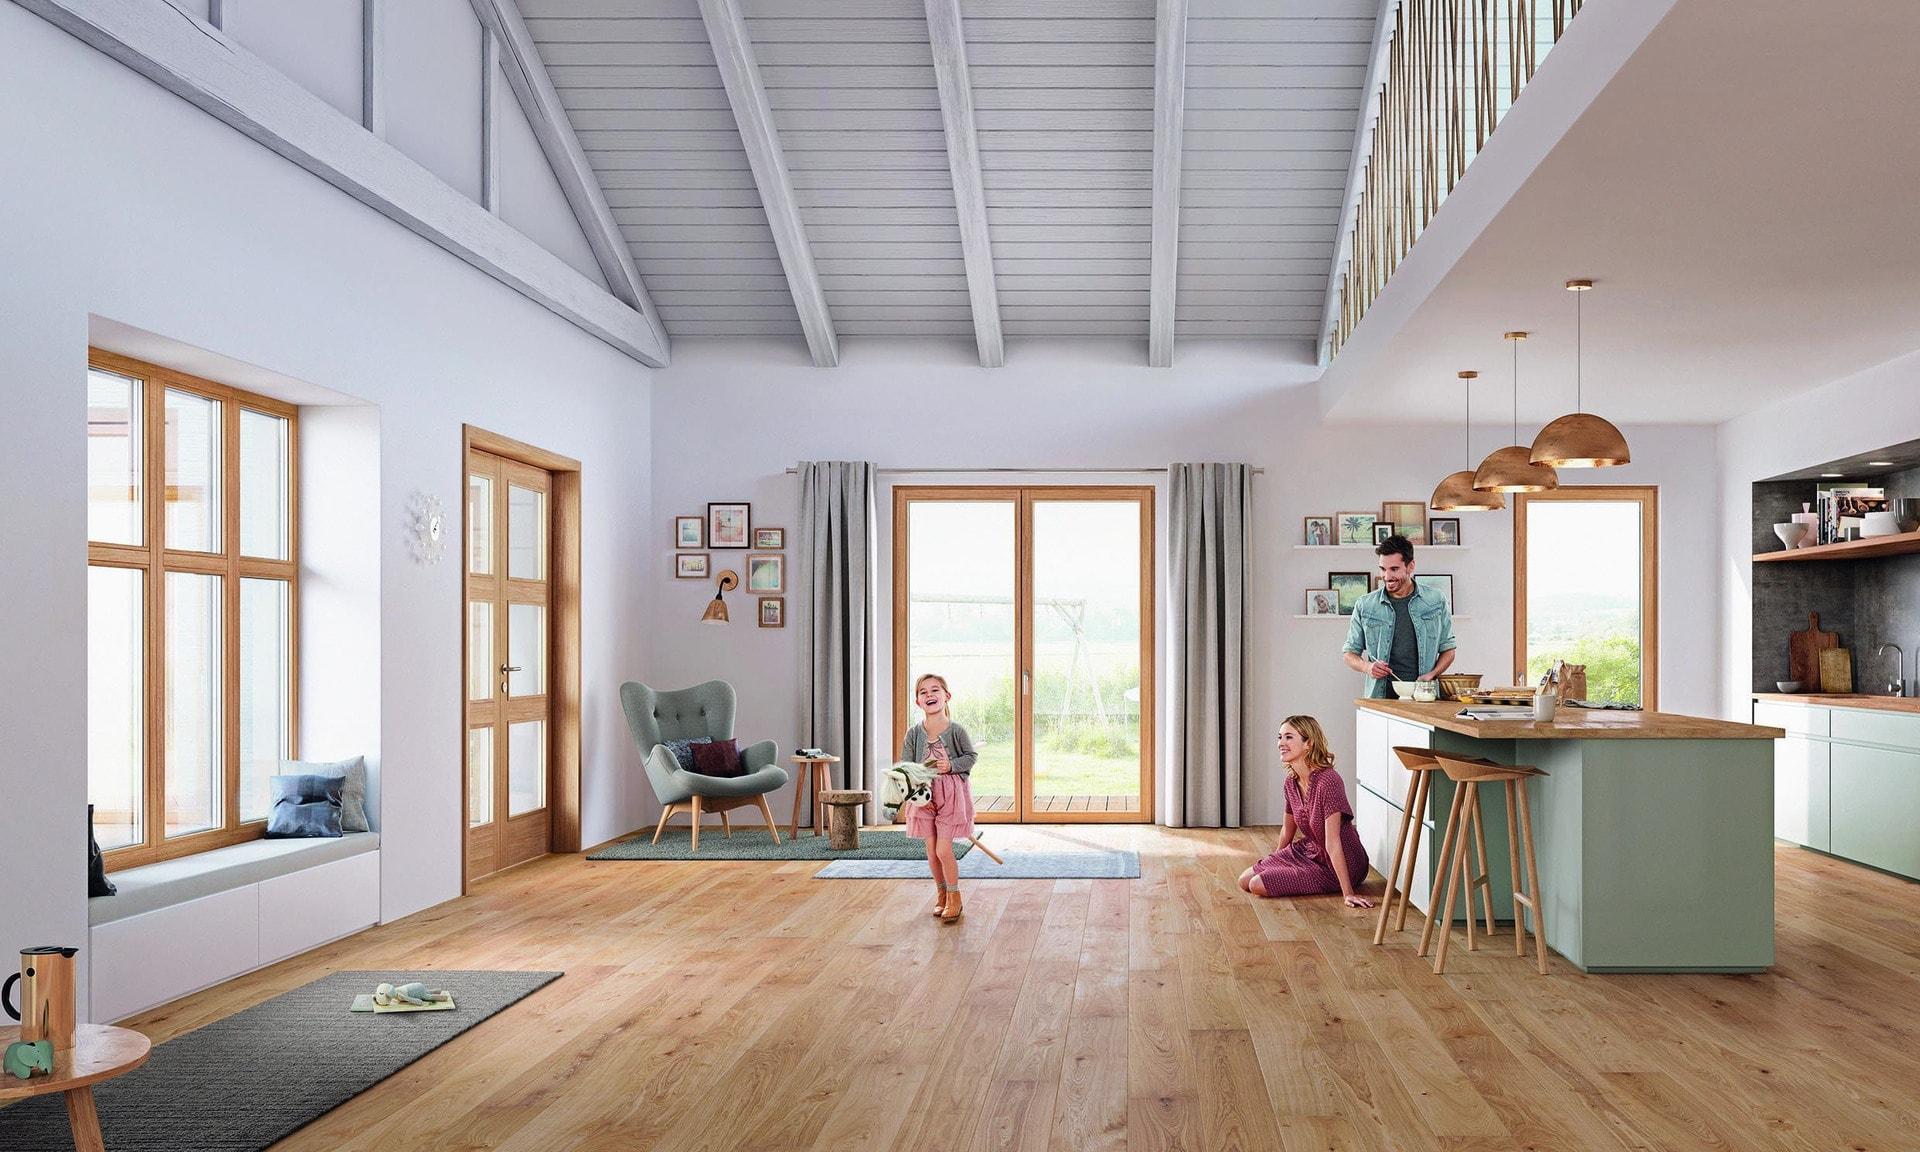 Smart Mix von Josko bei den HausModernisierern in Teugn Ohne Kompromisse: HausModernisierer sorgen für Wohnharmonie